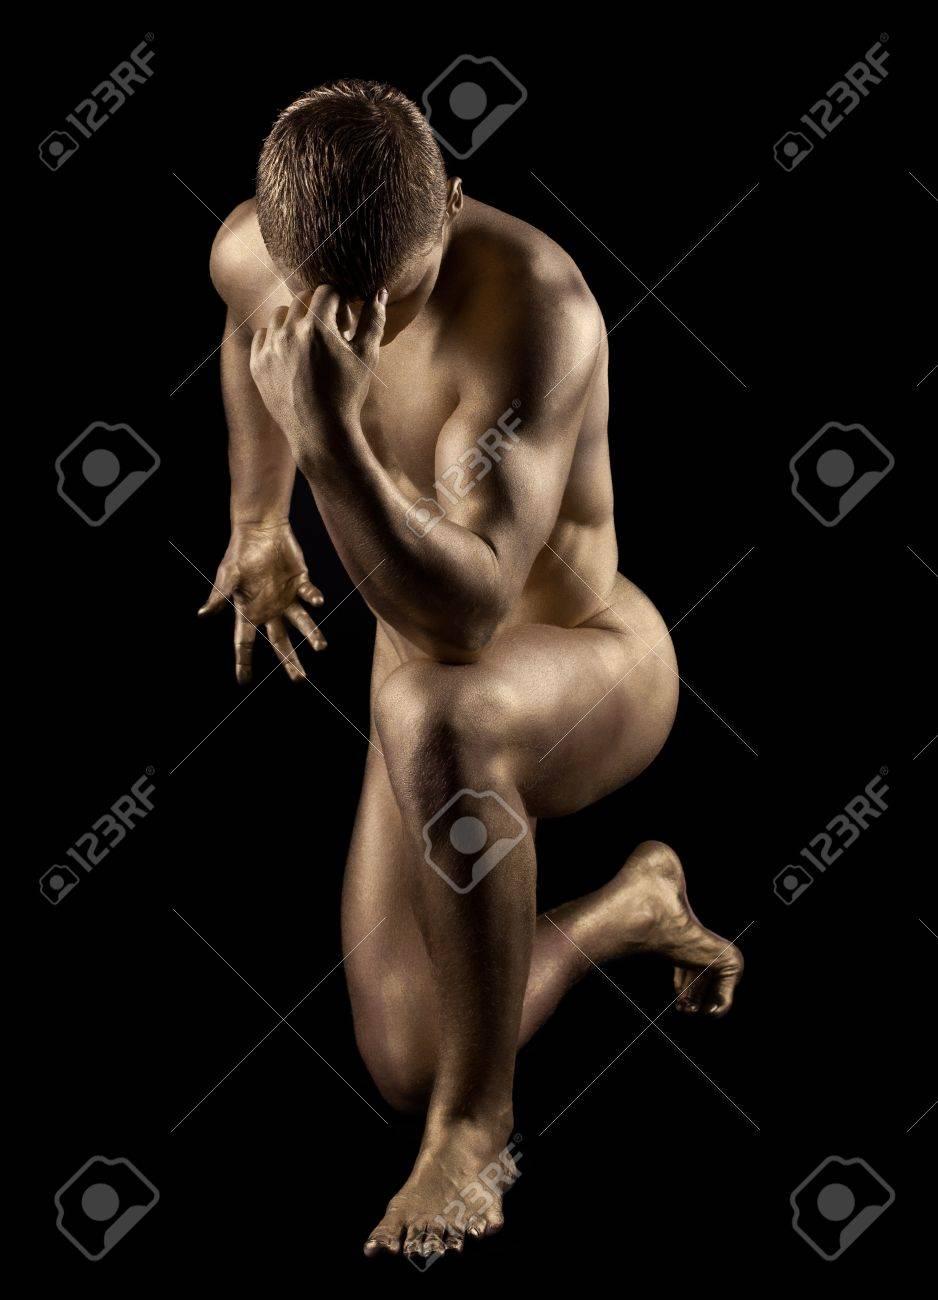 Naked strong man posing in metallic skin make-up Stock Photo - 15422624